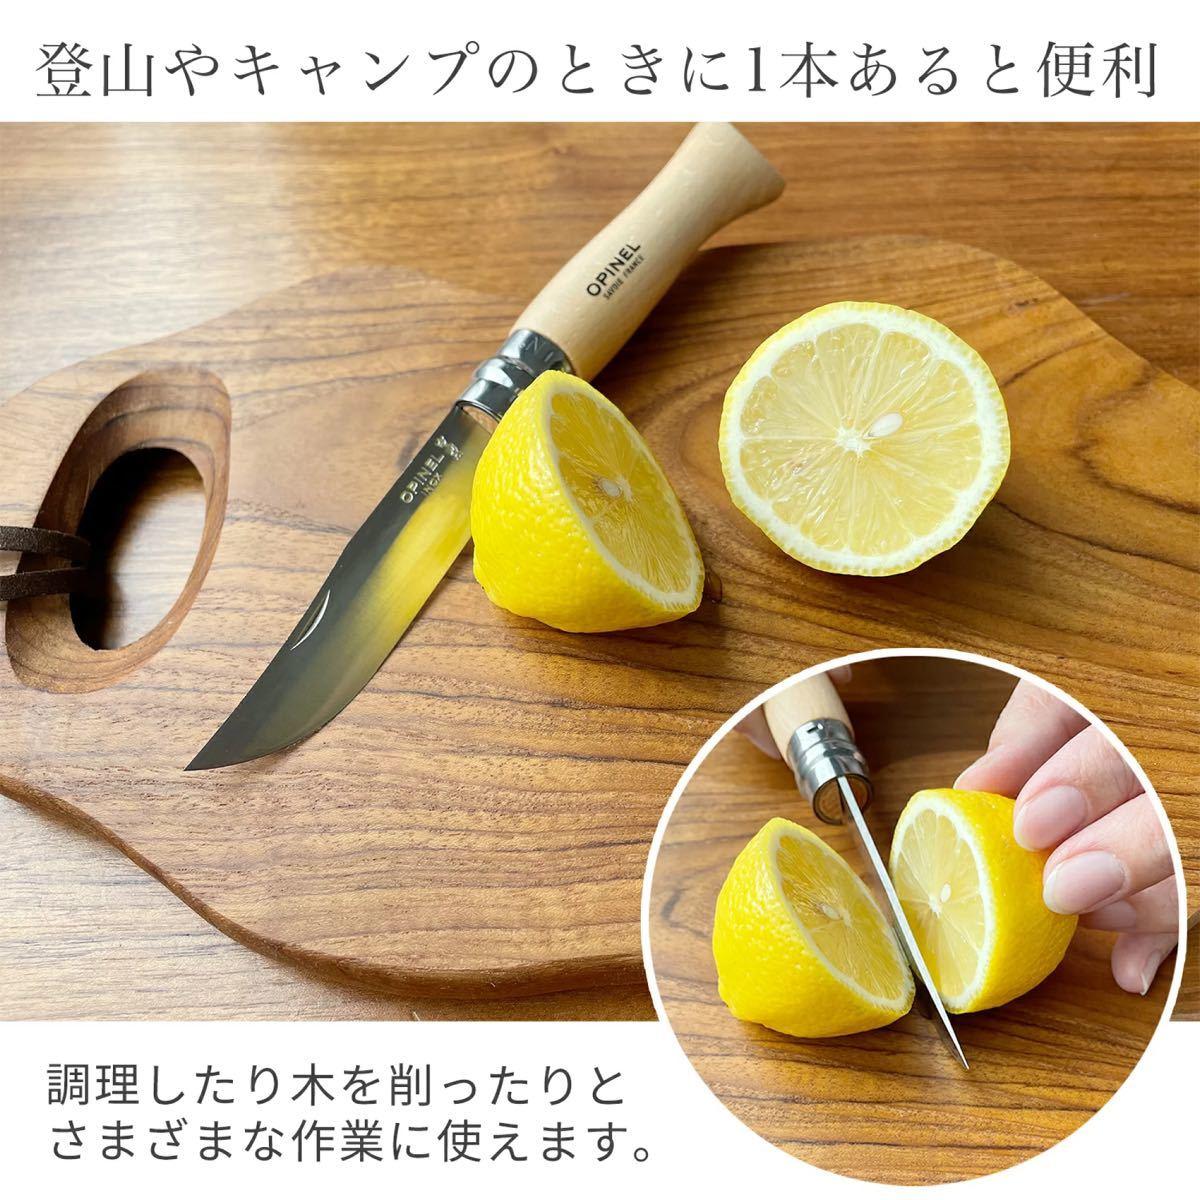 オピネルナイフ #8 8.5cm  新品 ソロキャンプに オススメ OPINEL